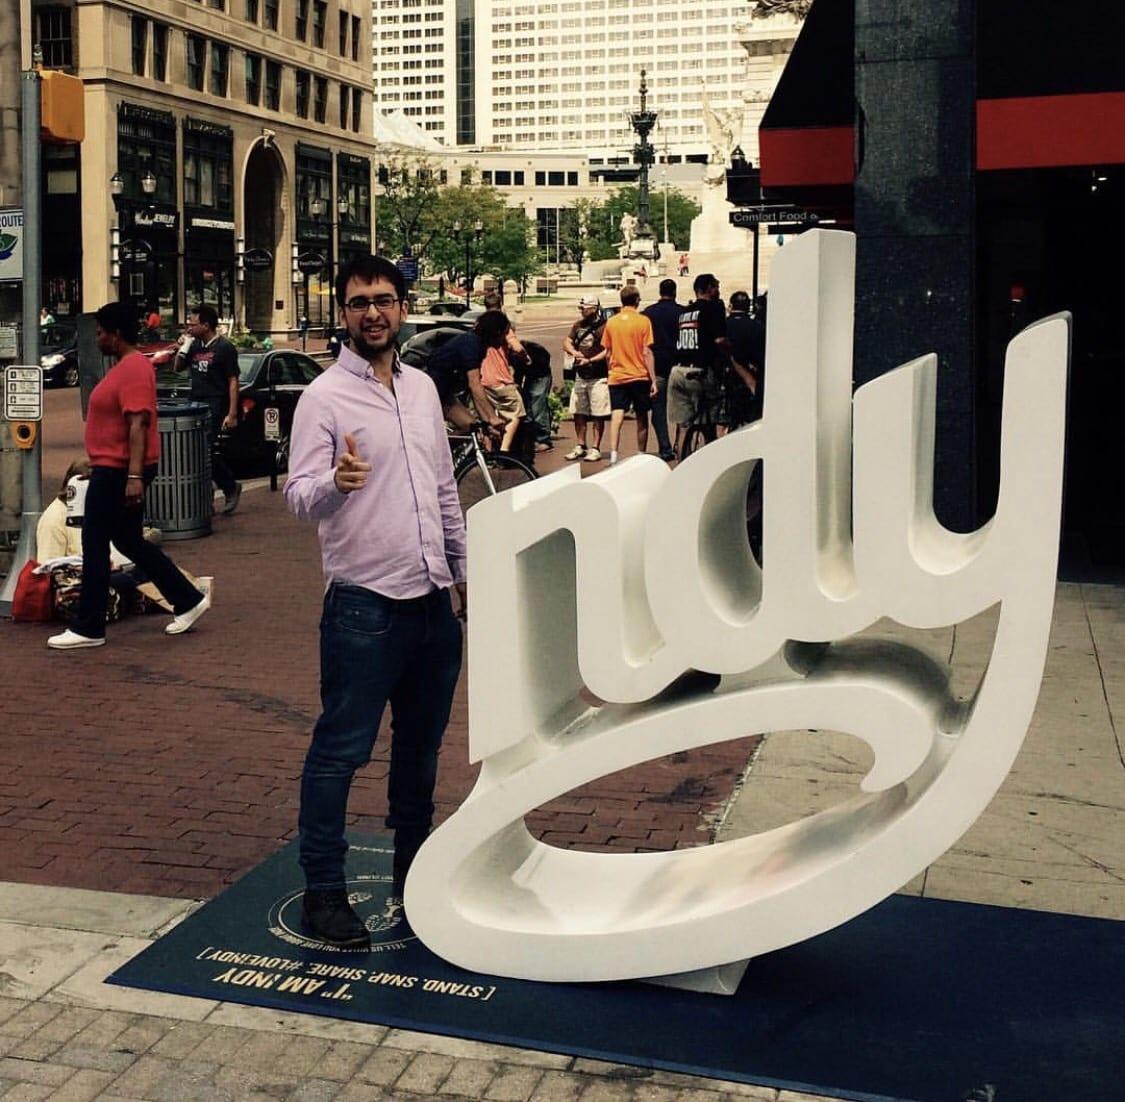 ηλικία γνωριμιών στο Οχάιο διαδικτυακά διεθνή ραντεβού